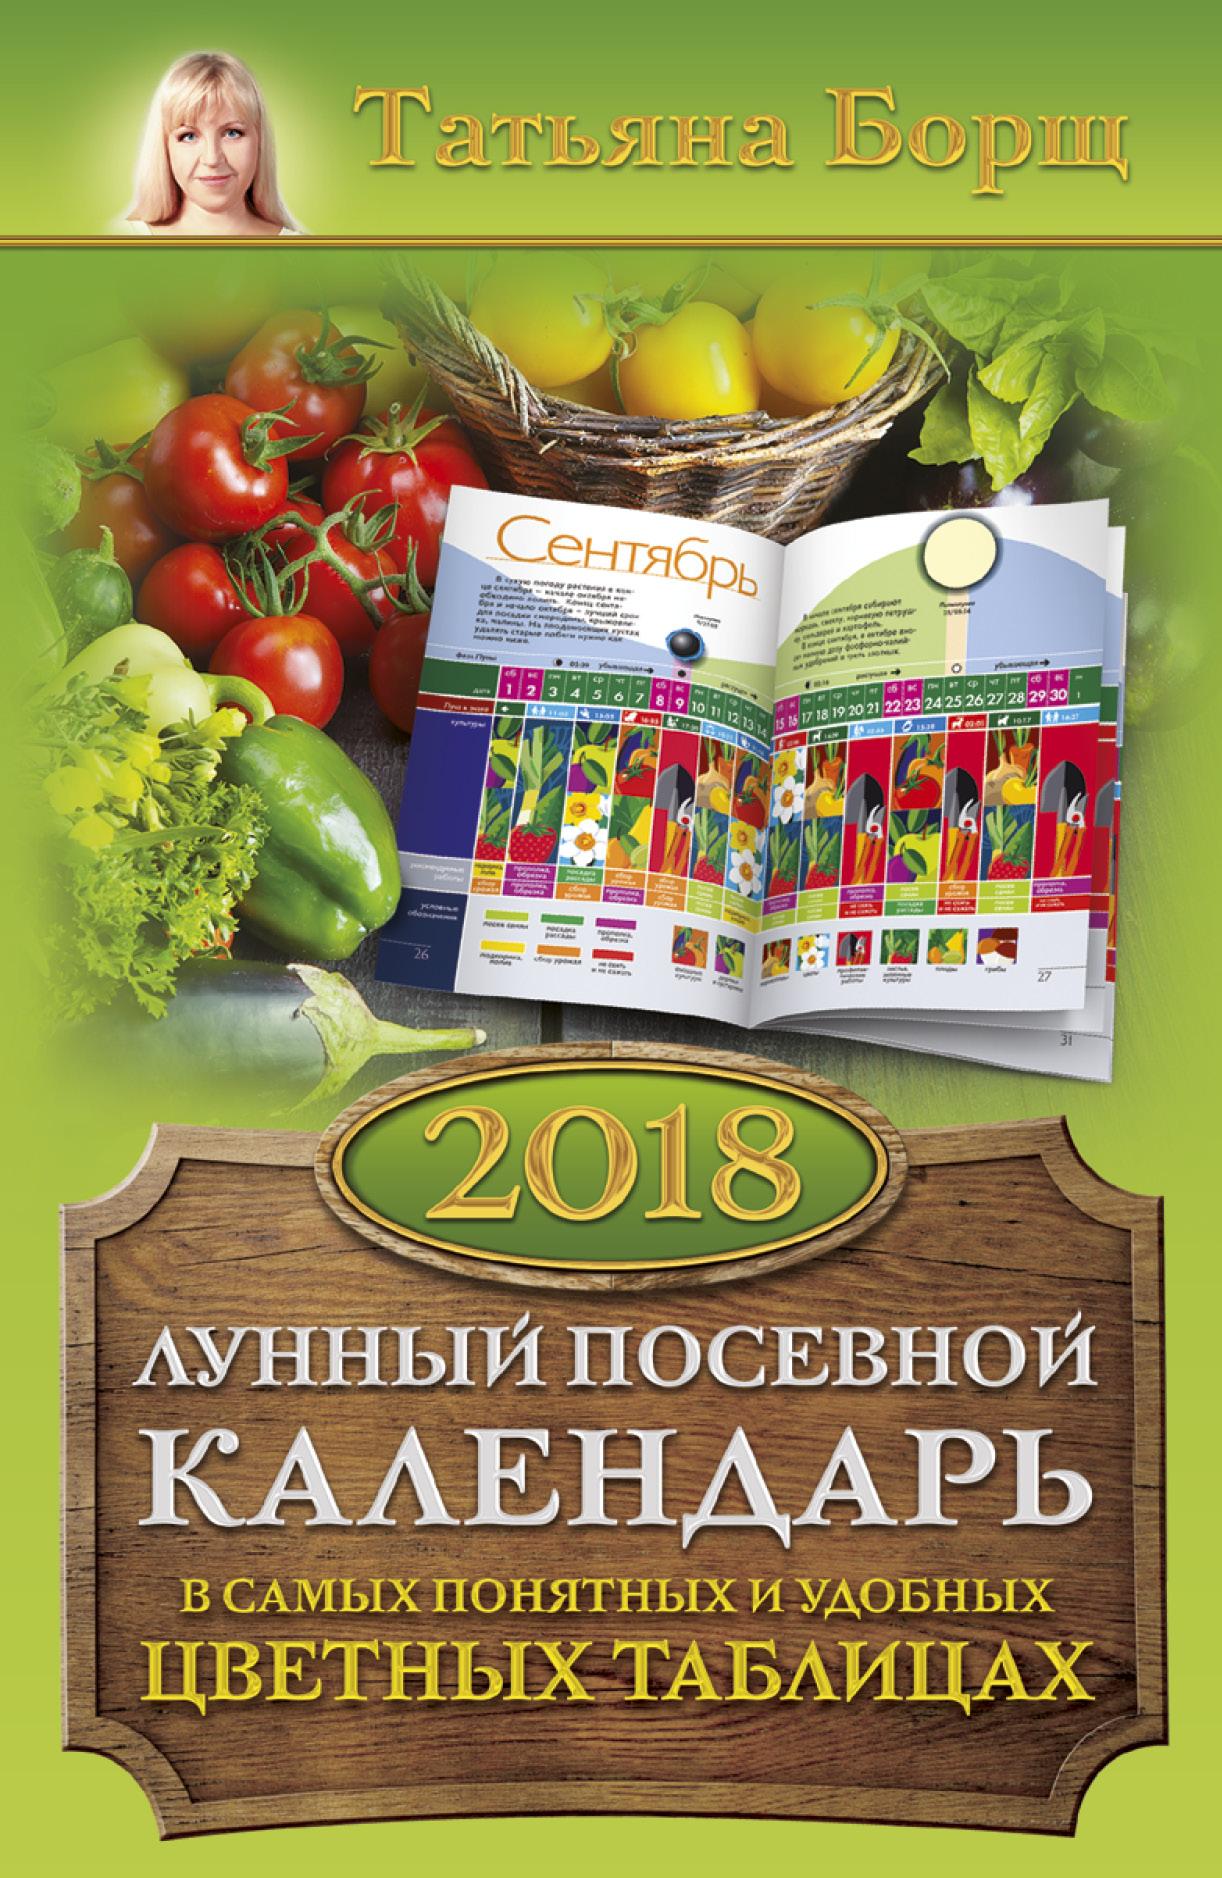 Татьяна Борщ Лунный посевной календарь в самых понятных и удобных цветных таблицах на 2018 год